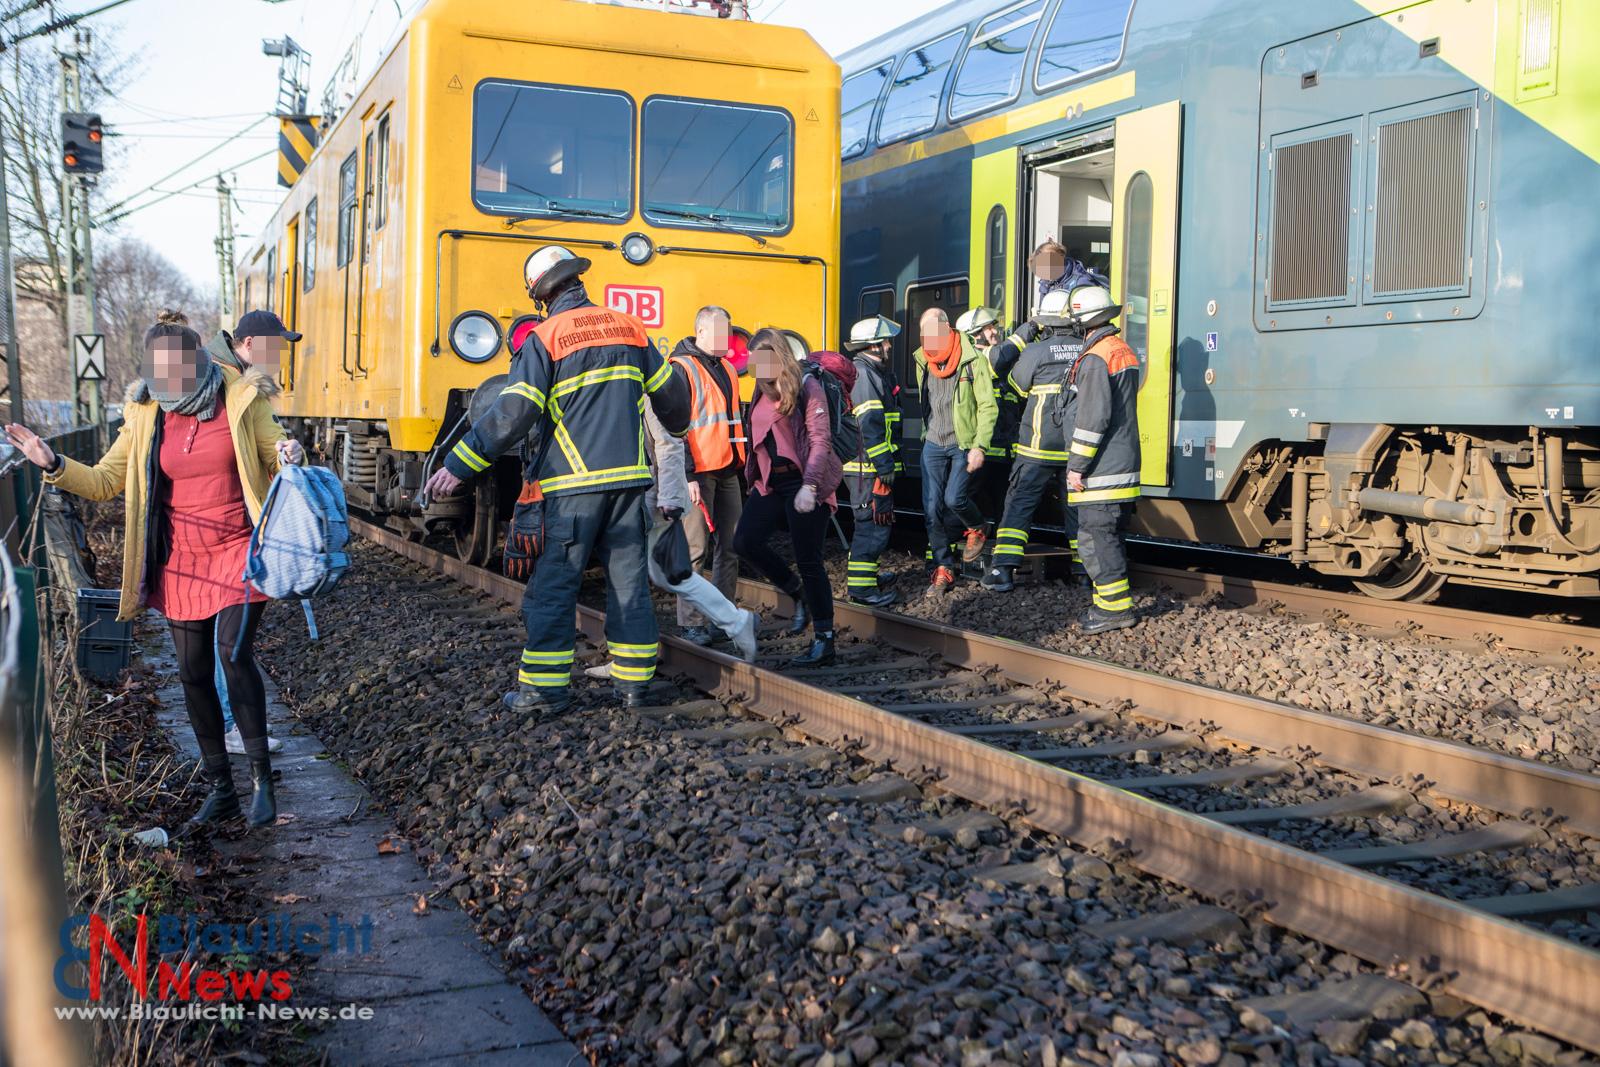 Regionalbahn bleibt auf Lombardsbrücke liegen – Oberleitung gerissen / Zug wurde evakuiert: 70 Personen gerettet!